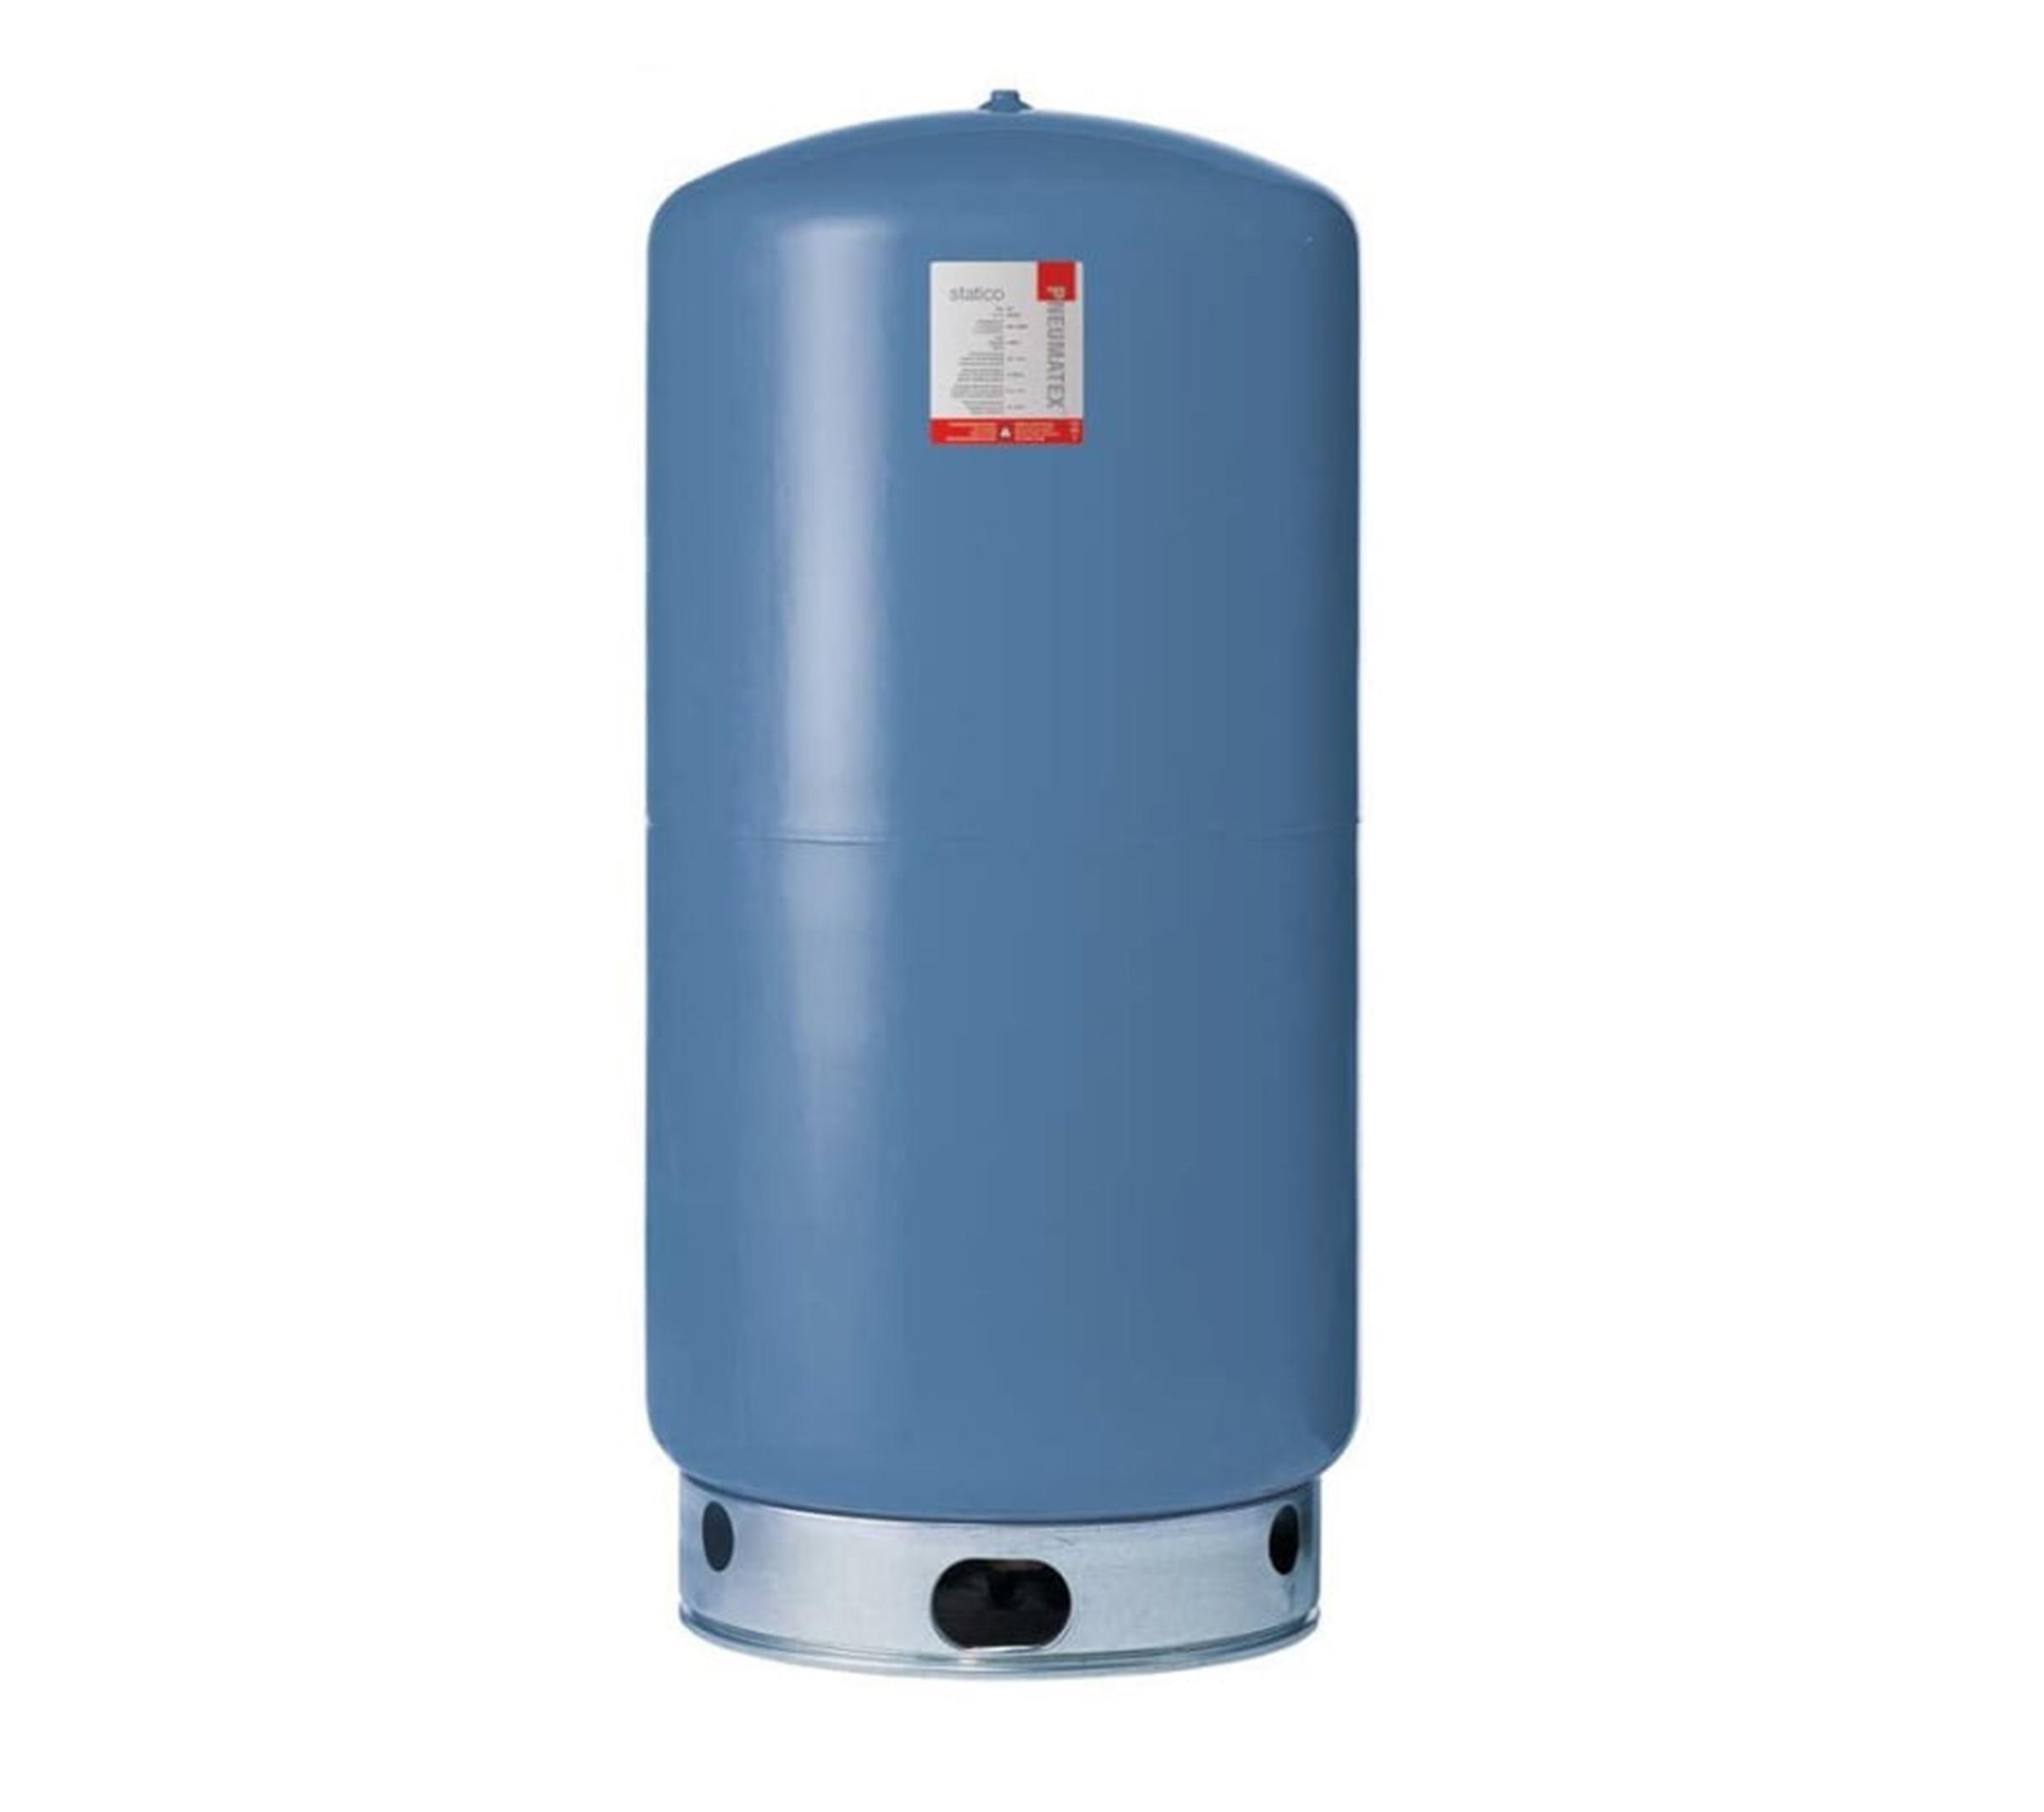 Aquapresso AU 140.10 bar